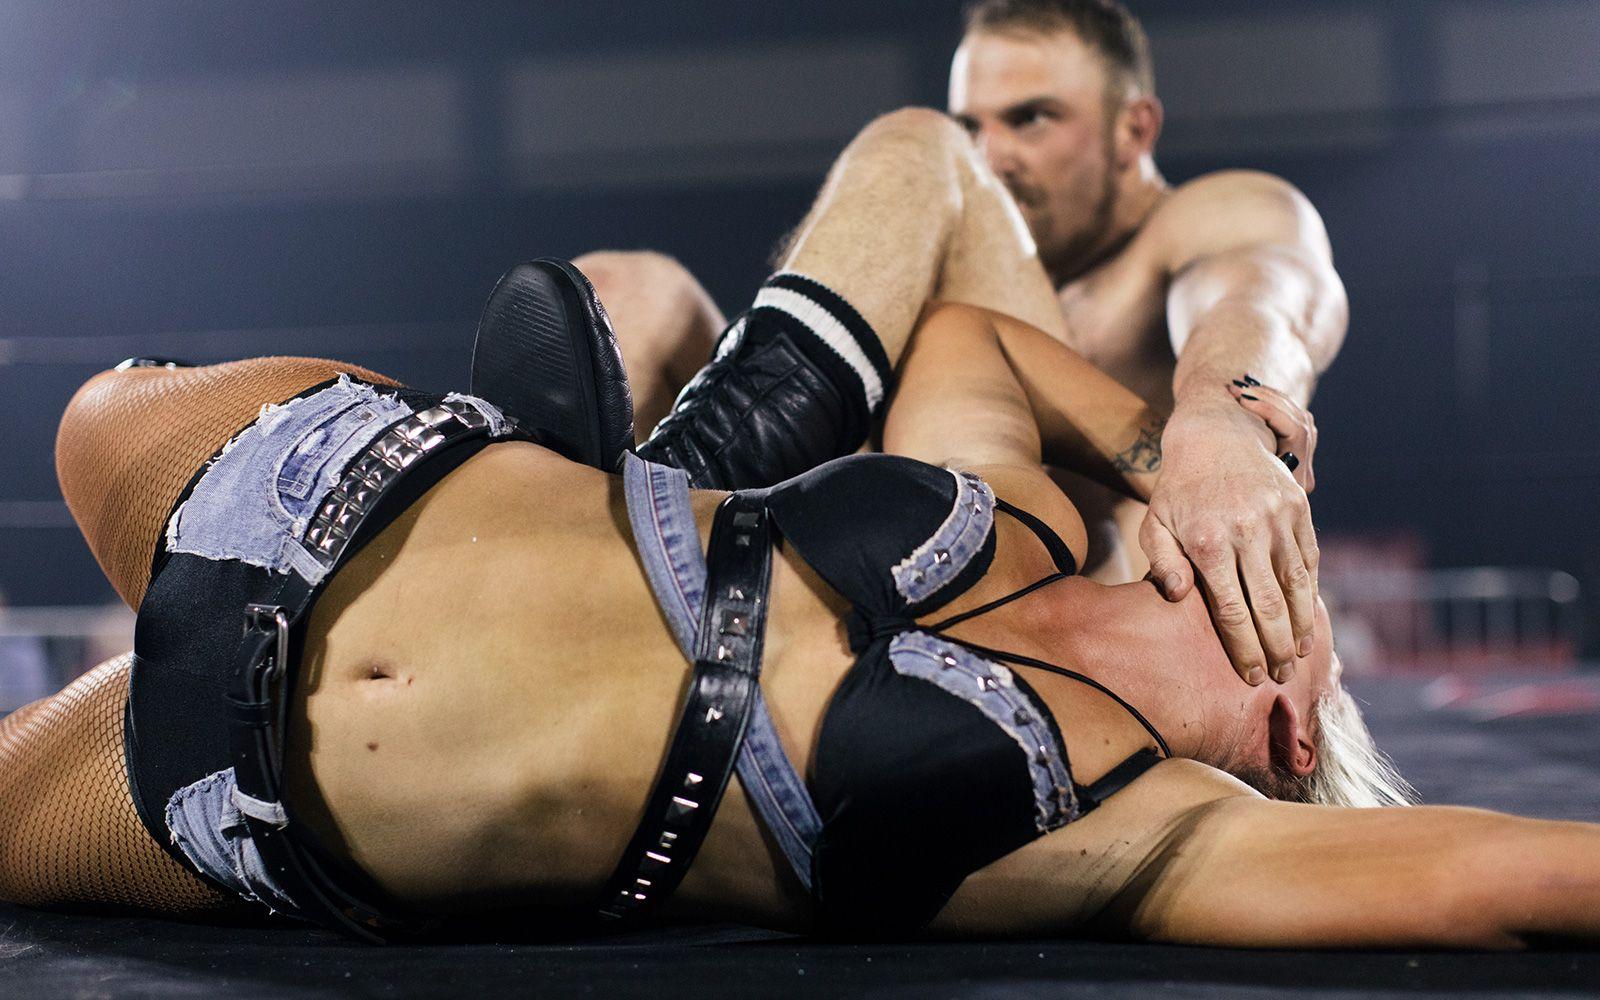 d758749d1d6cf7 Intergender wrestling -- Equality for women, or violence against them?